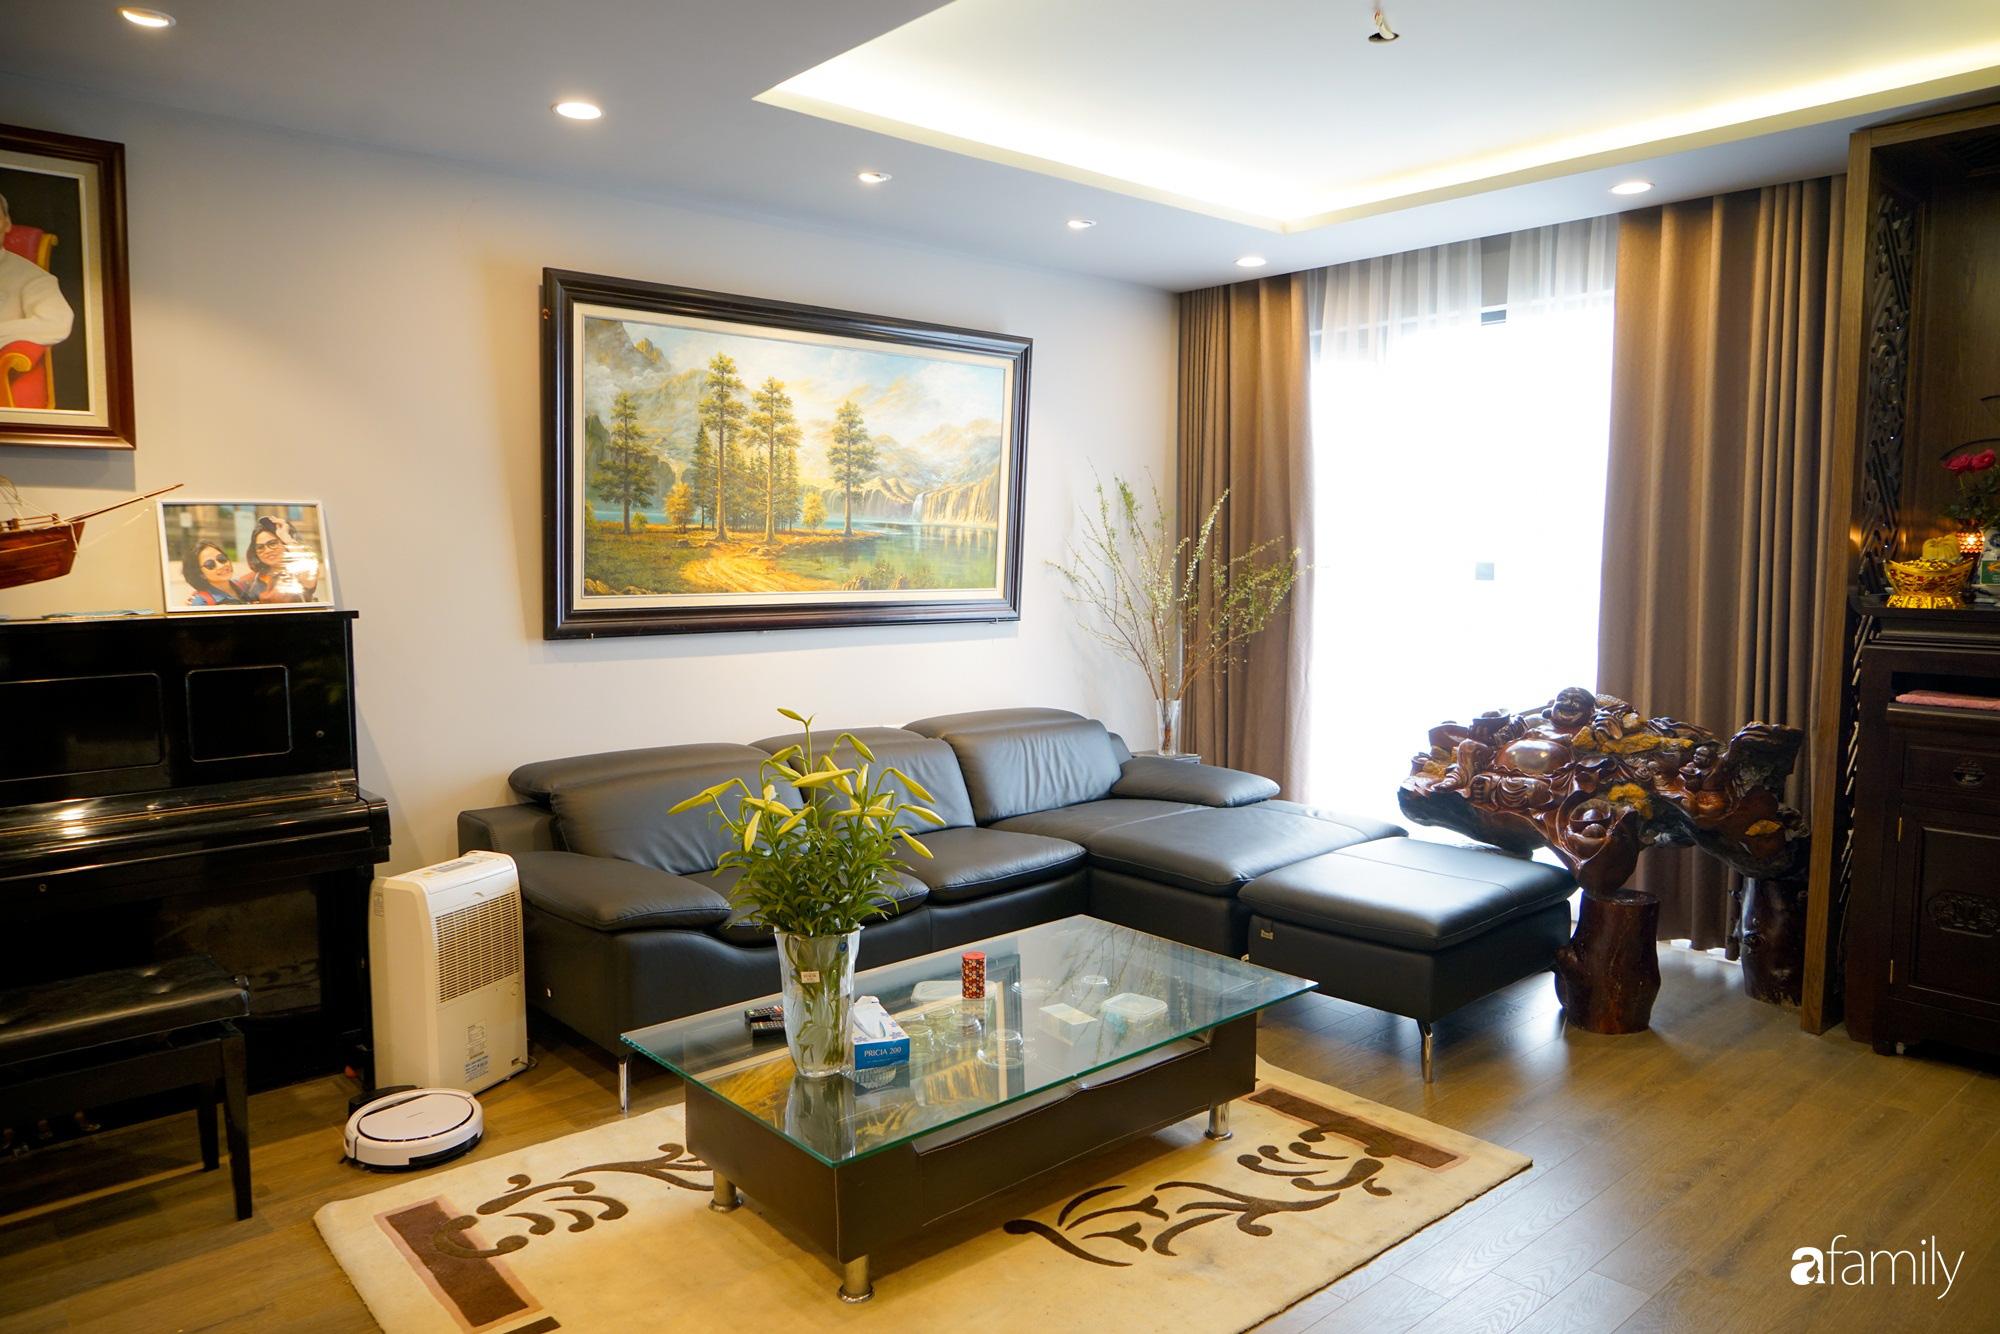 Căn hộ 116m2 hoàn thiện nội thất chưa đầy 1 tháng vẫn đẹp hiện đại, nền nã ở Cầu Giấy, Hà Nội - Ảnh 3.